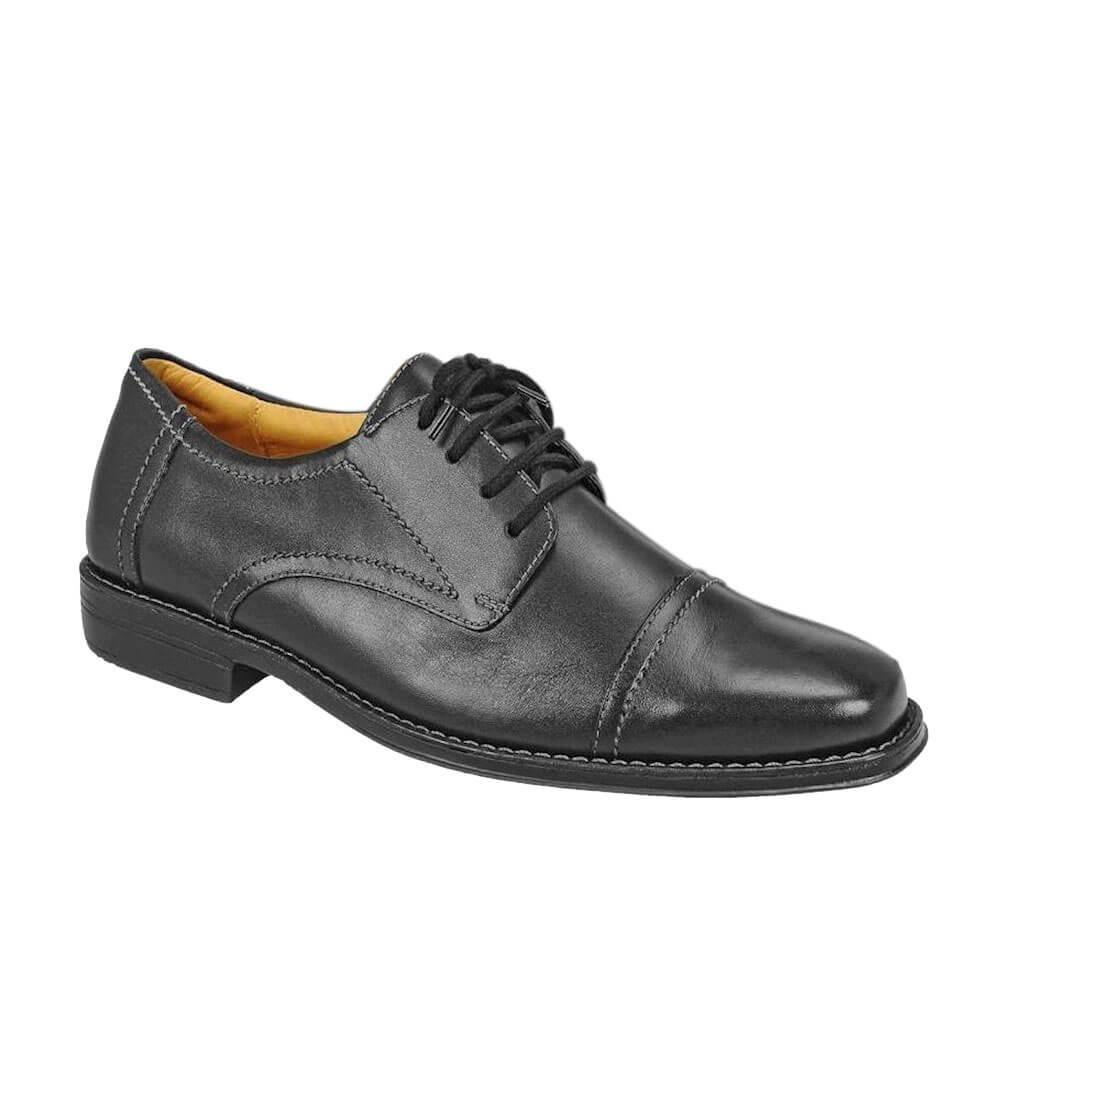 75f384c684 sapato social masculino derby sandro moscoloni whitman preto. Carregando  zoom.